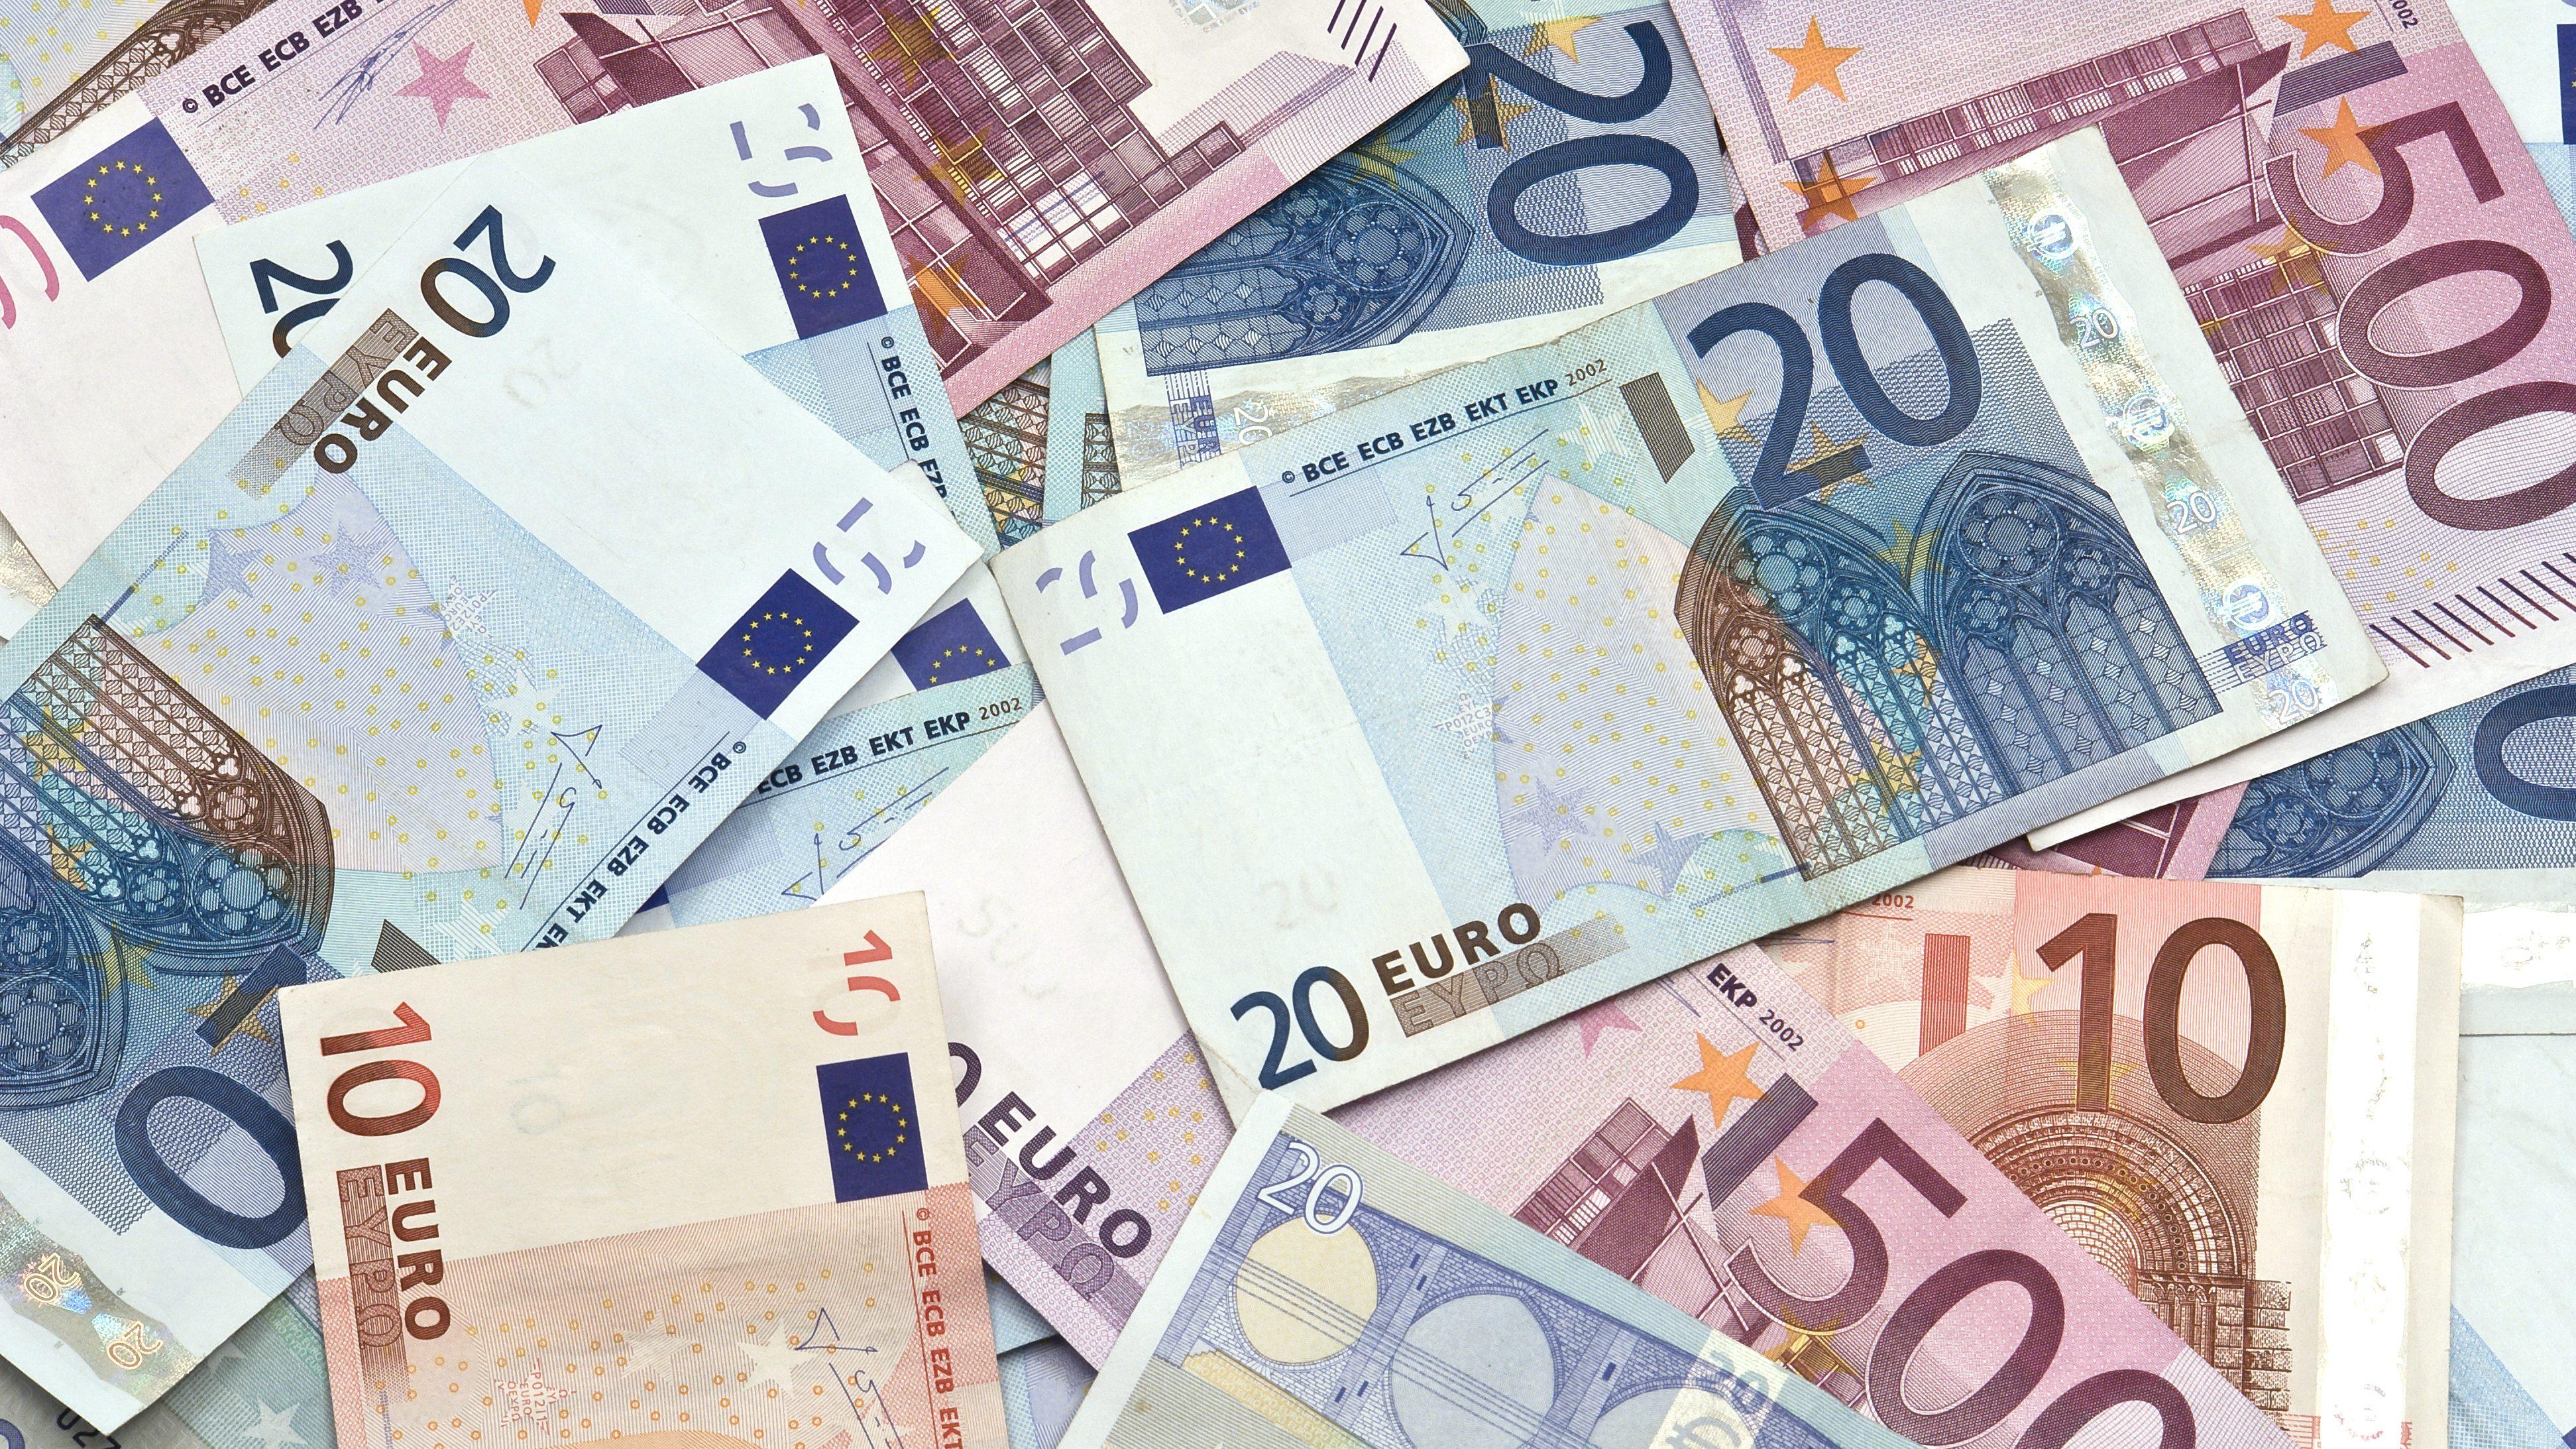 kabinet ouders honderdduizenden euro's